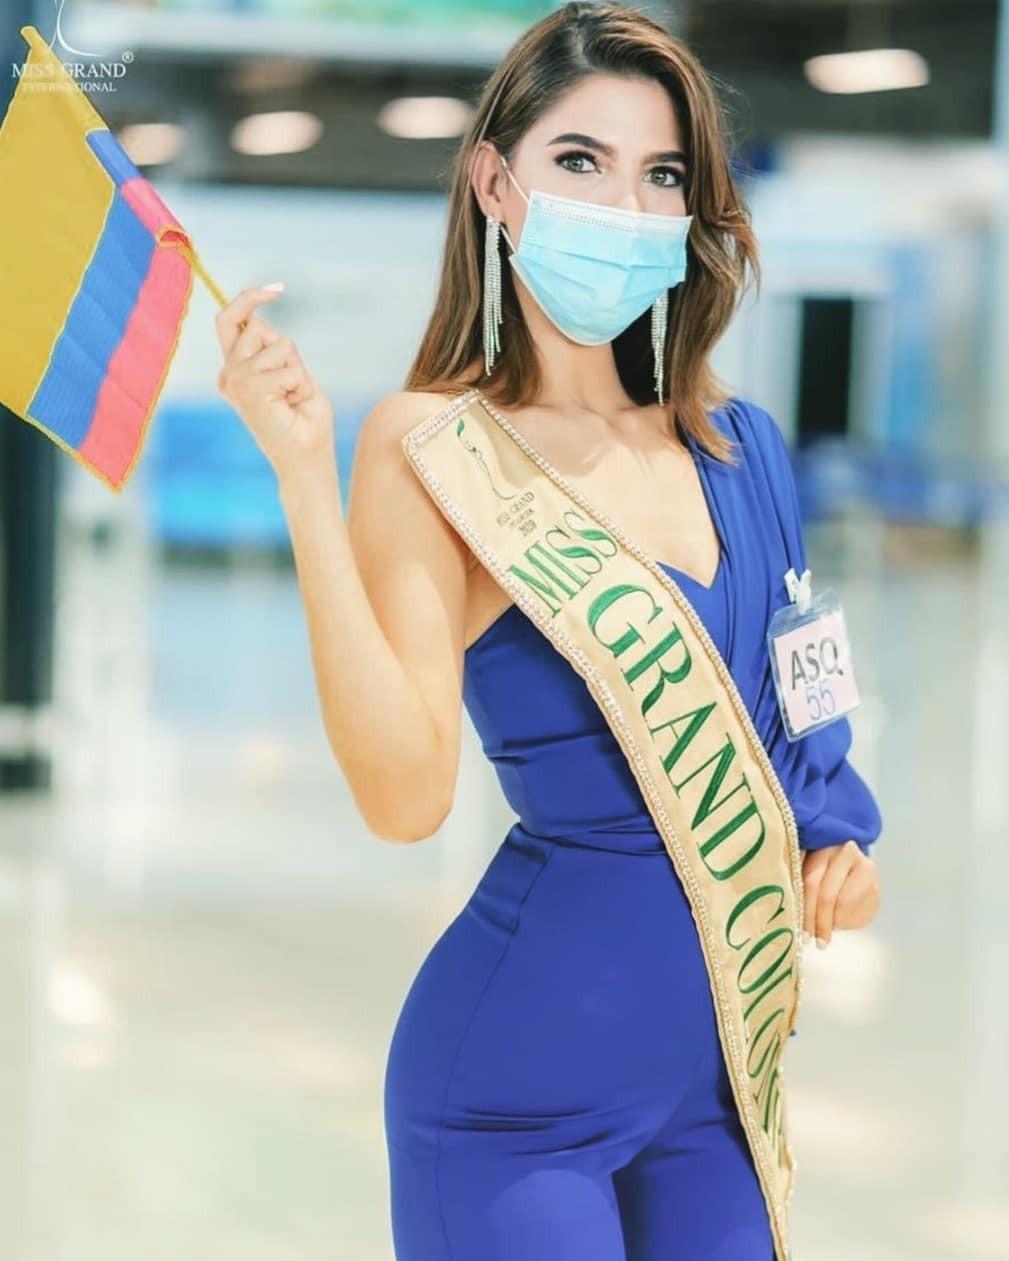 natalia manrique, miss grand colombia 2020. - Página 3 Fdl65f10